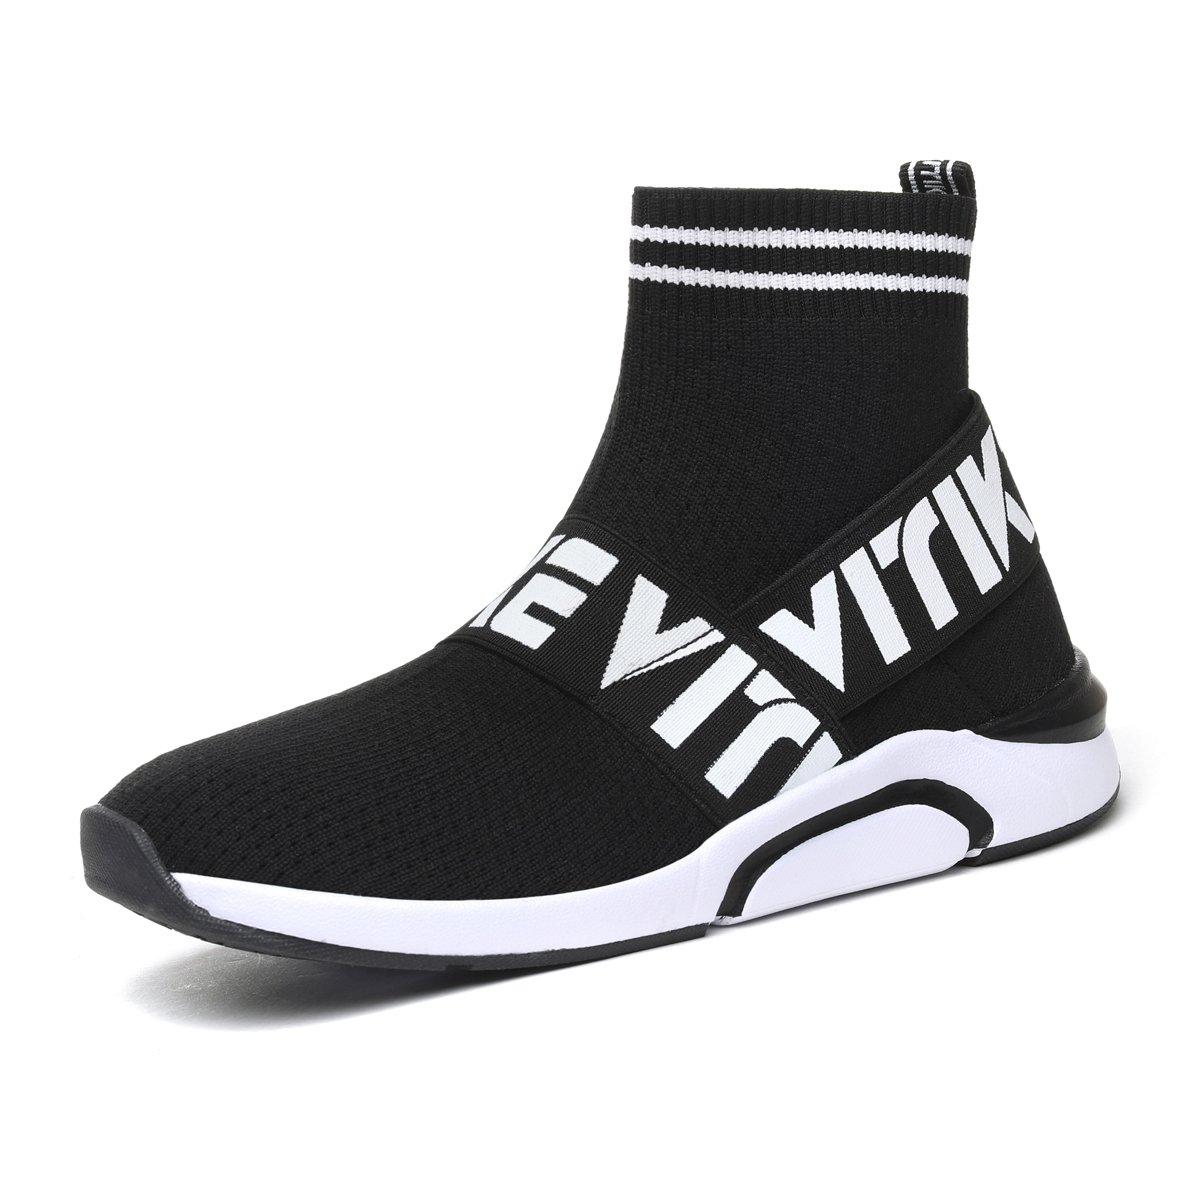 Chaussures de Sport Ultra-légères pour Femmes Chaussures de Sport à Coussin d'air...